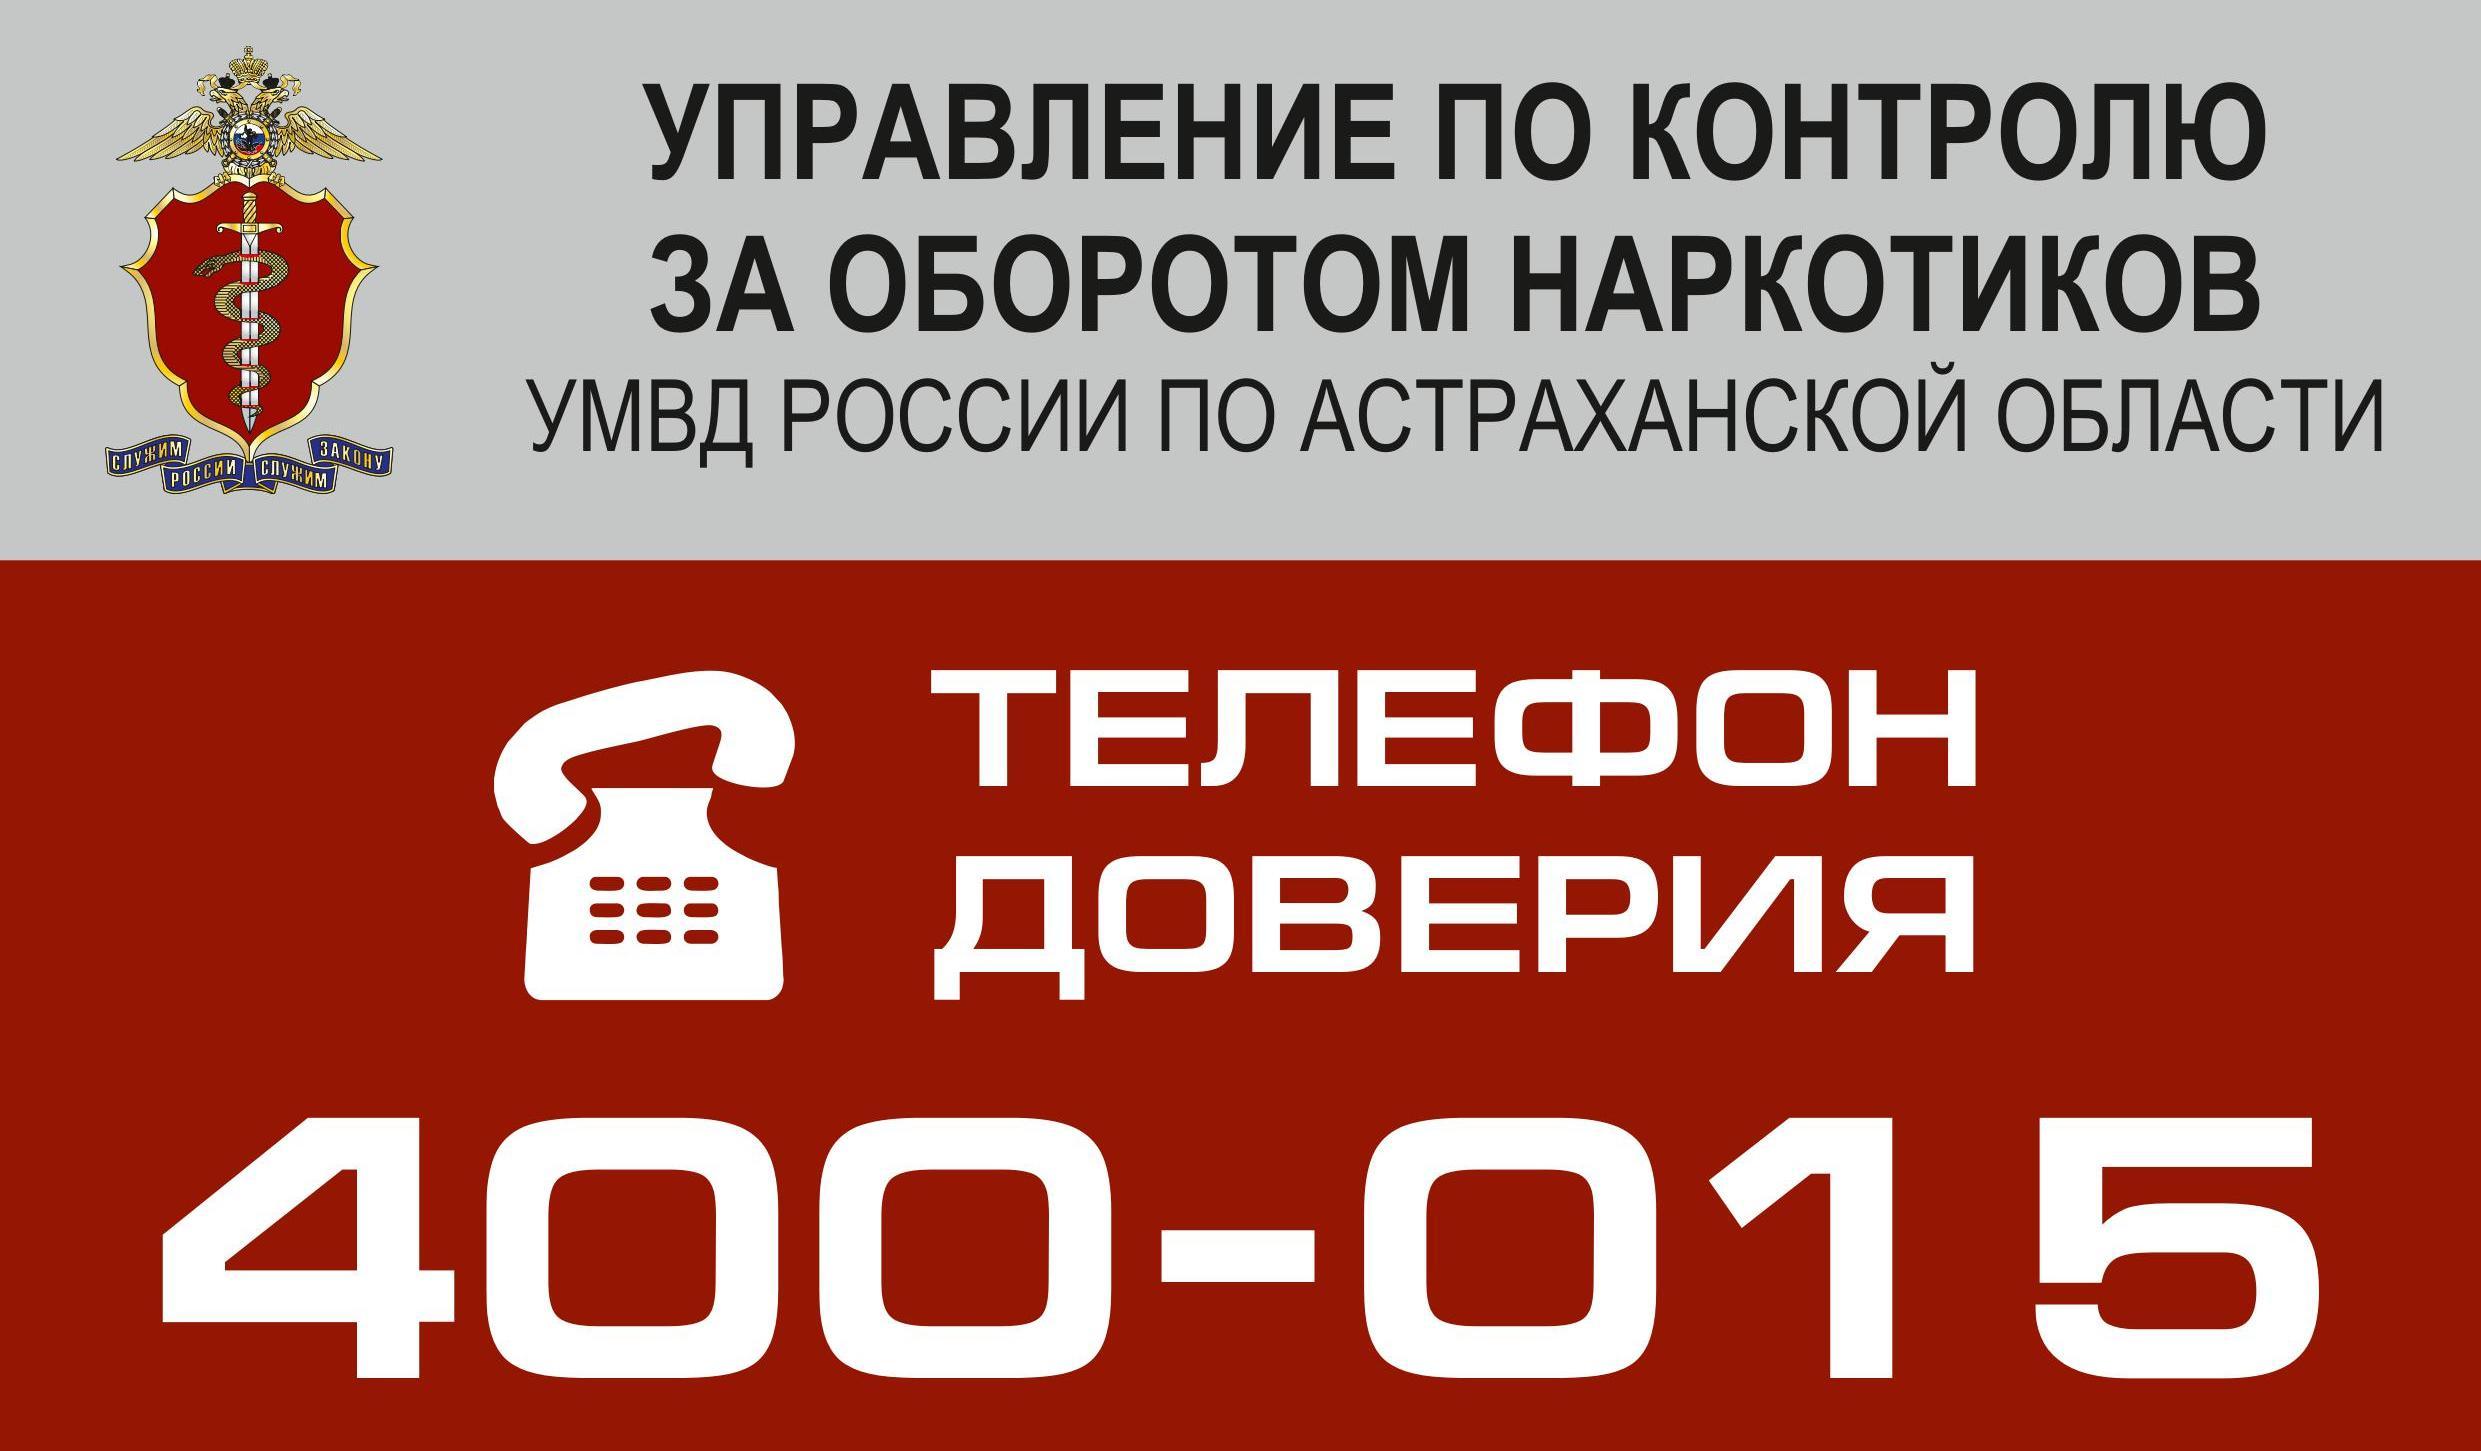 Информация УМВД России по Астраханской области